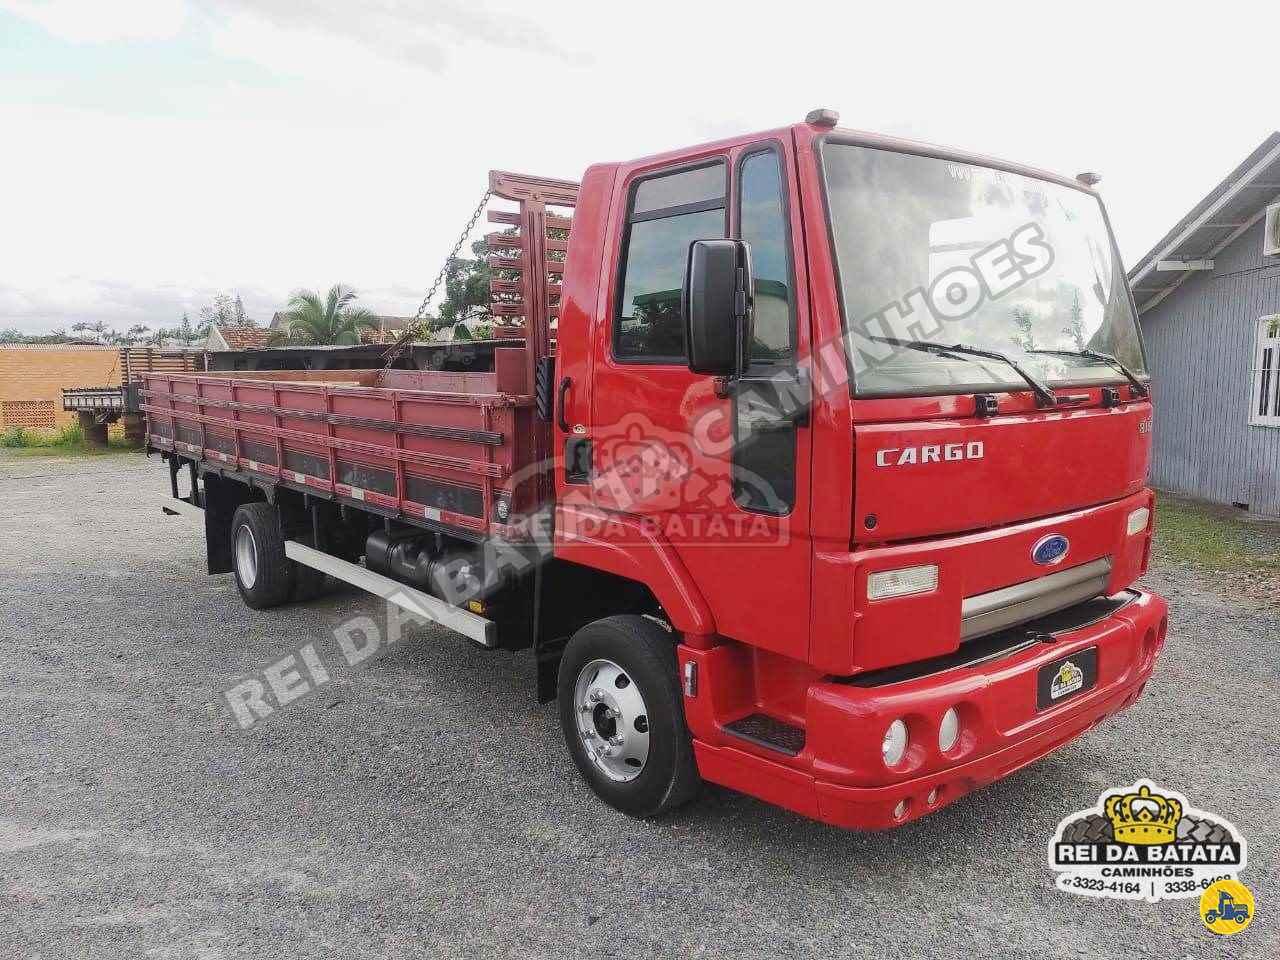 CAMINHAO FORD CARGO 816 Carga Seca 3/4 4x2 Rei da Batata Caminhões BLUMENAU SANTA CATARINA SC